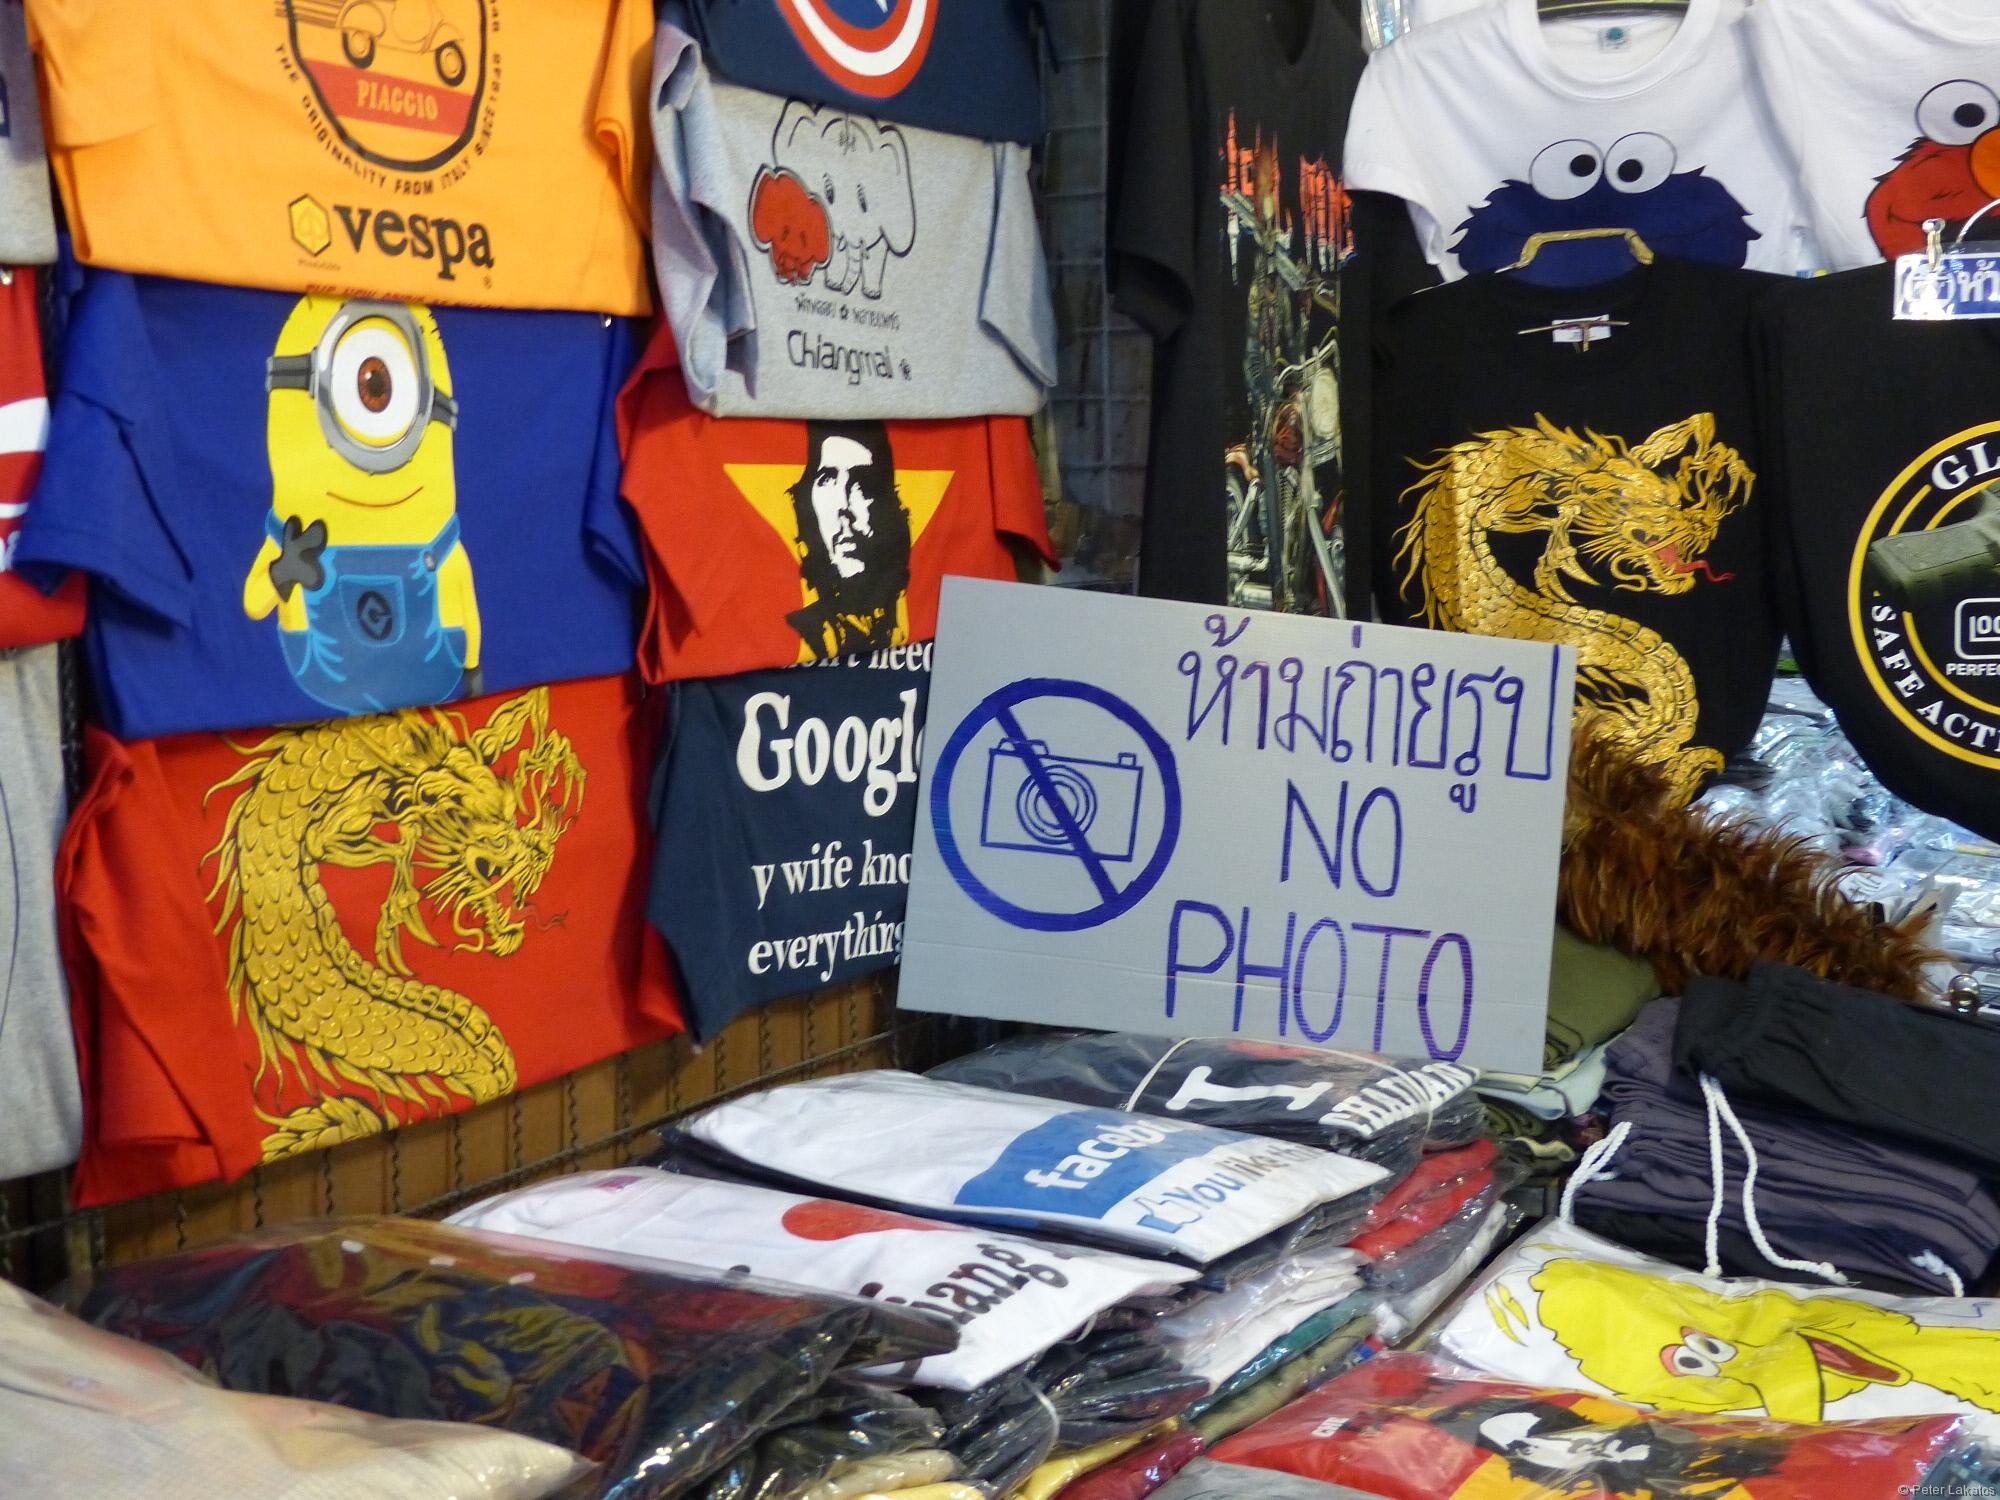 Bitte keine Fotos